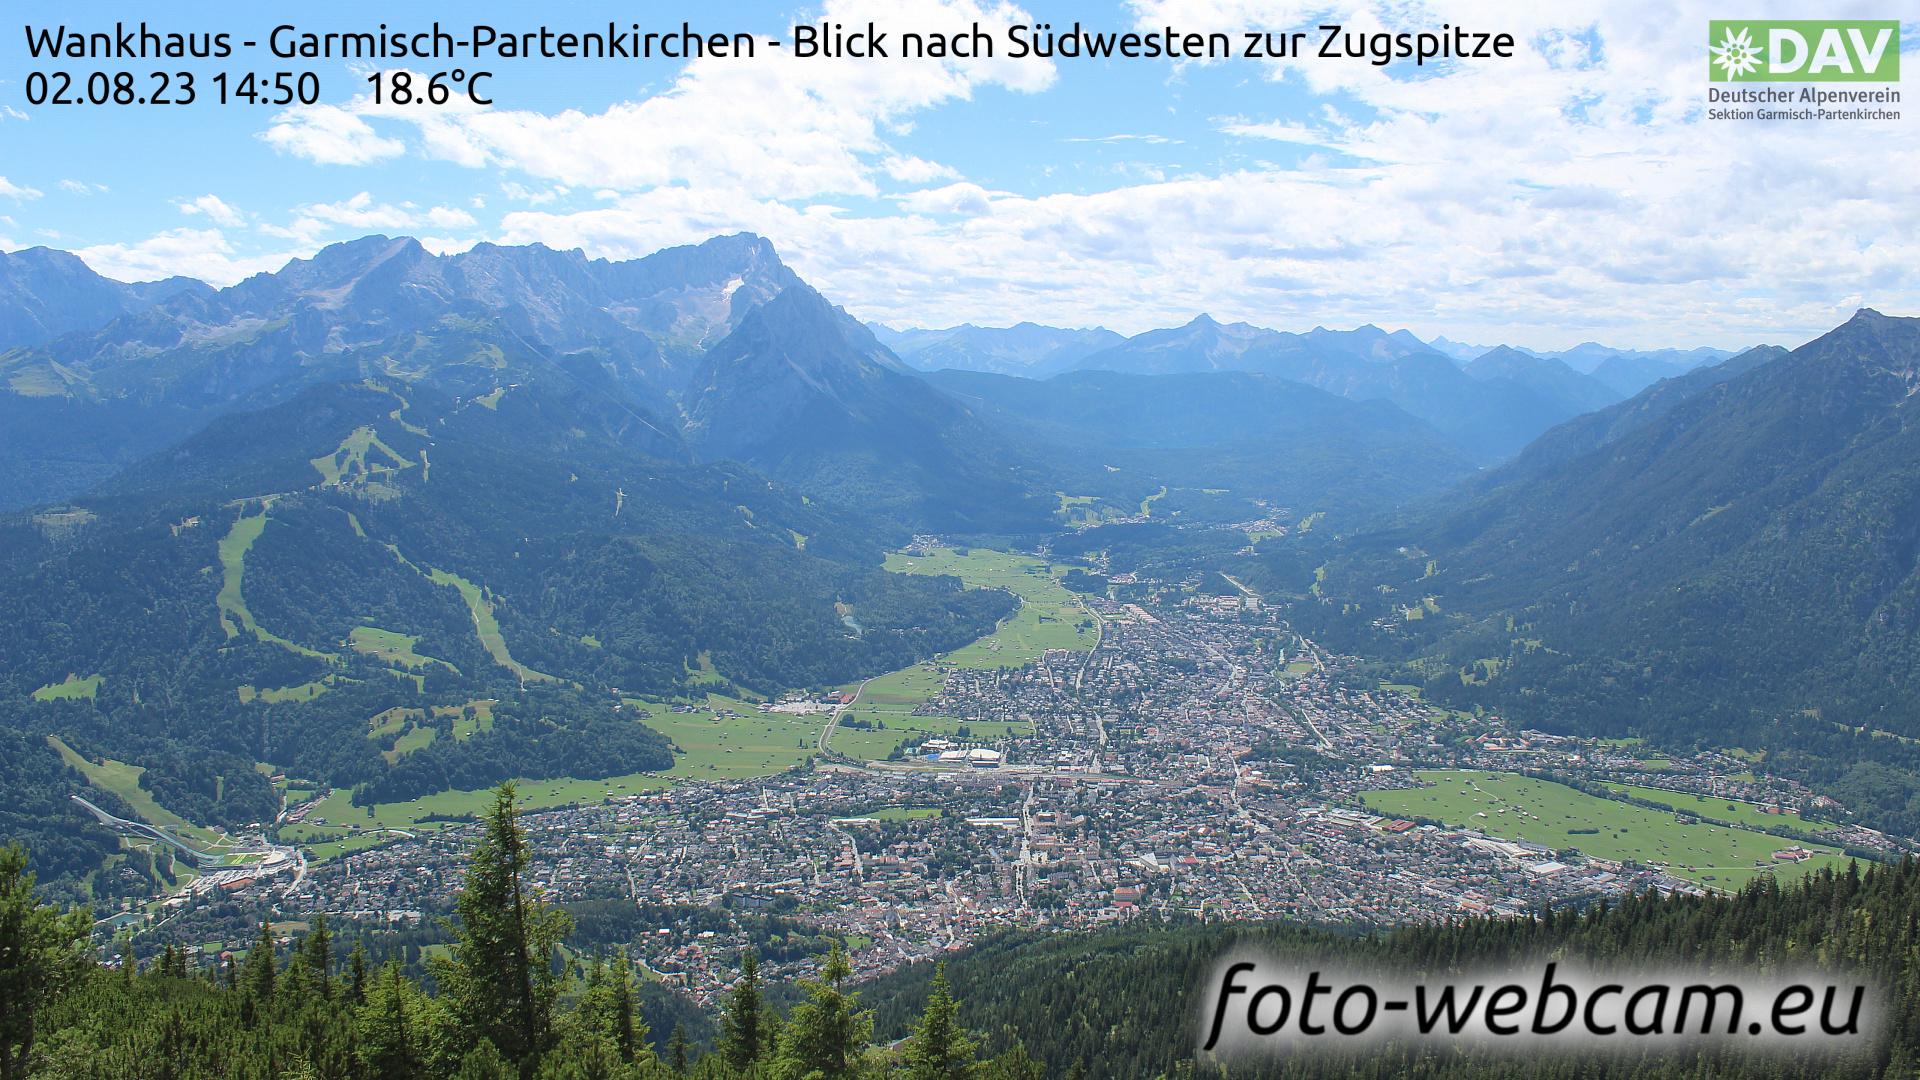 Garmisch-Partenkirchen Mon. 14:52